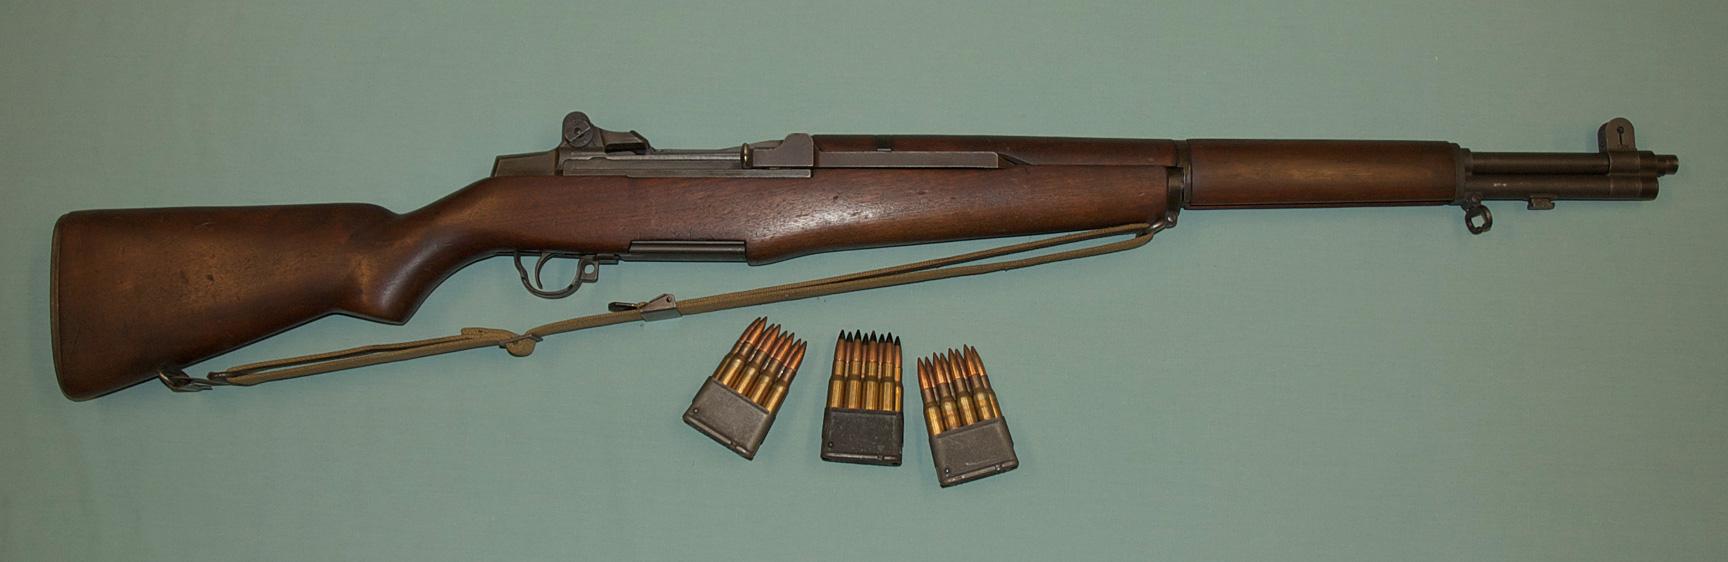 america-rifles-marrathipizza02